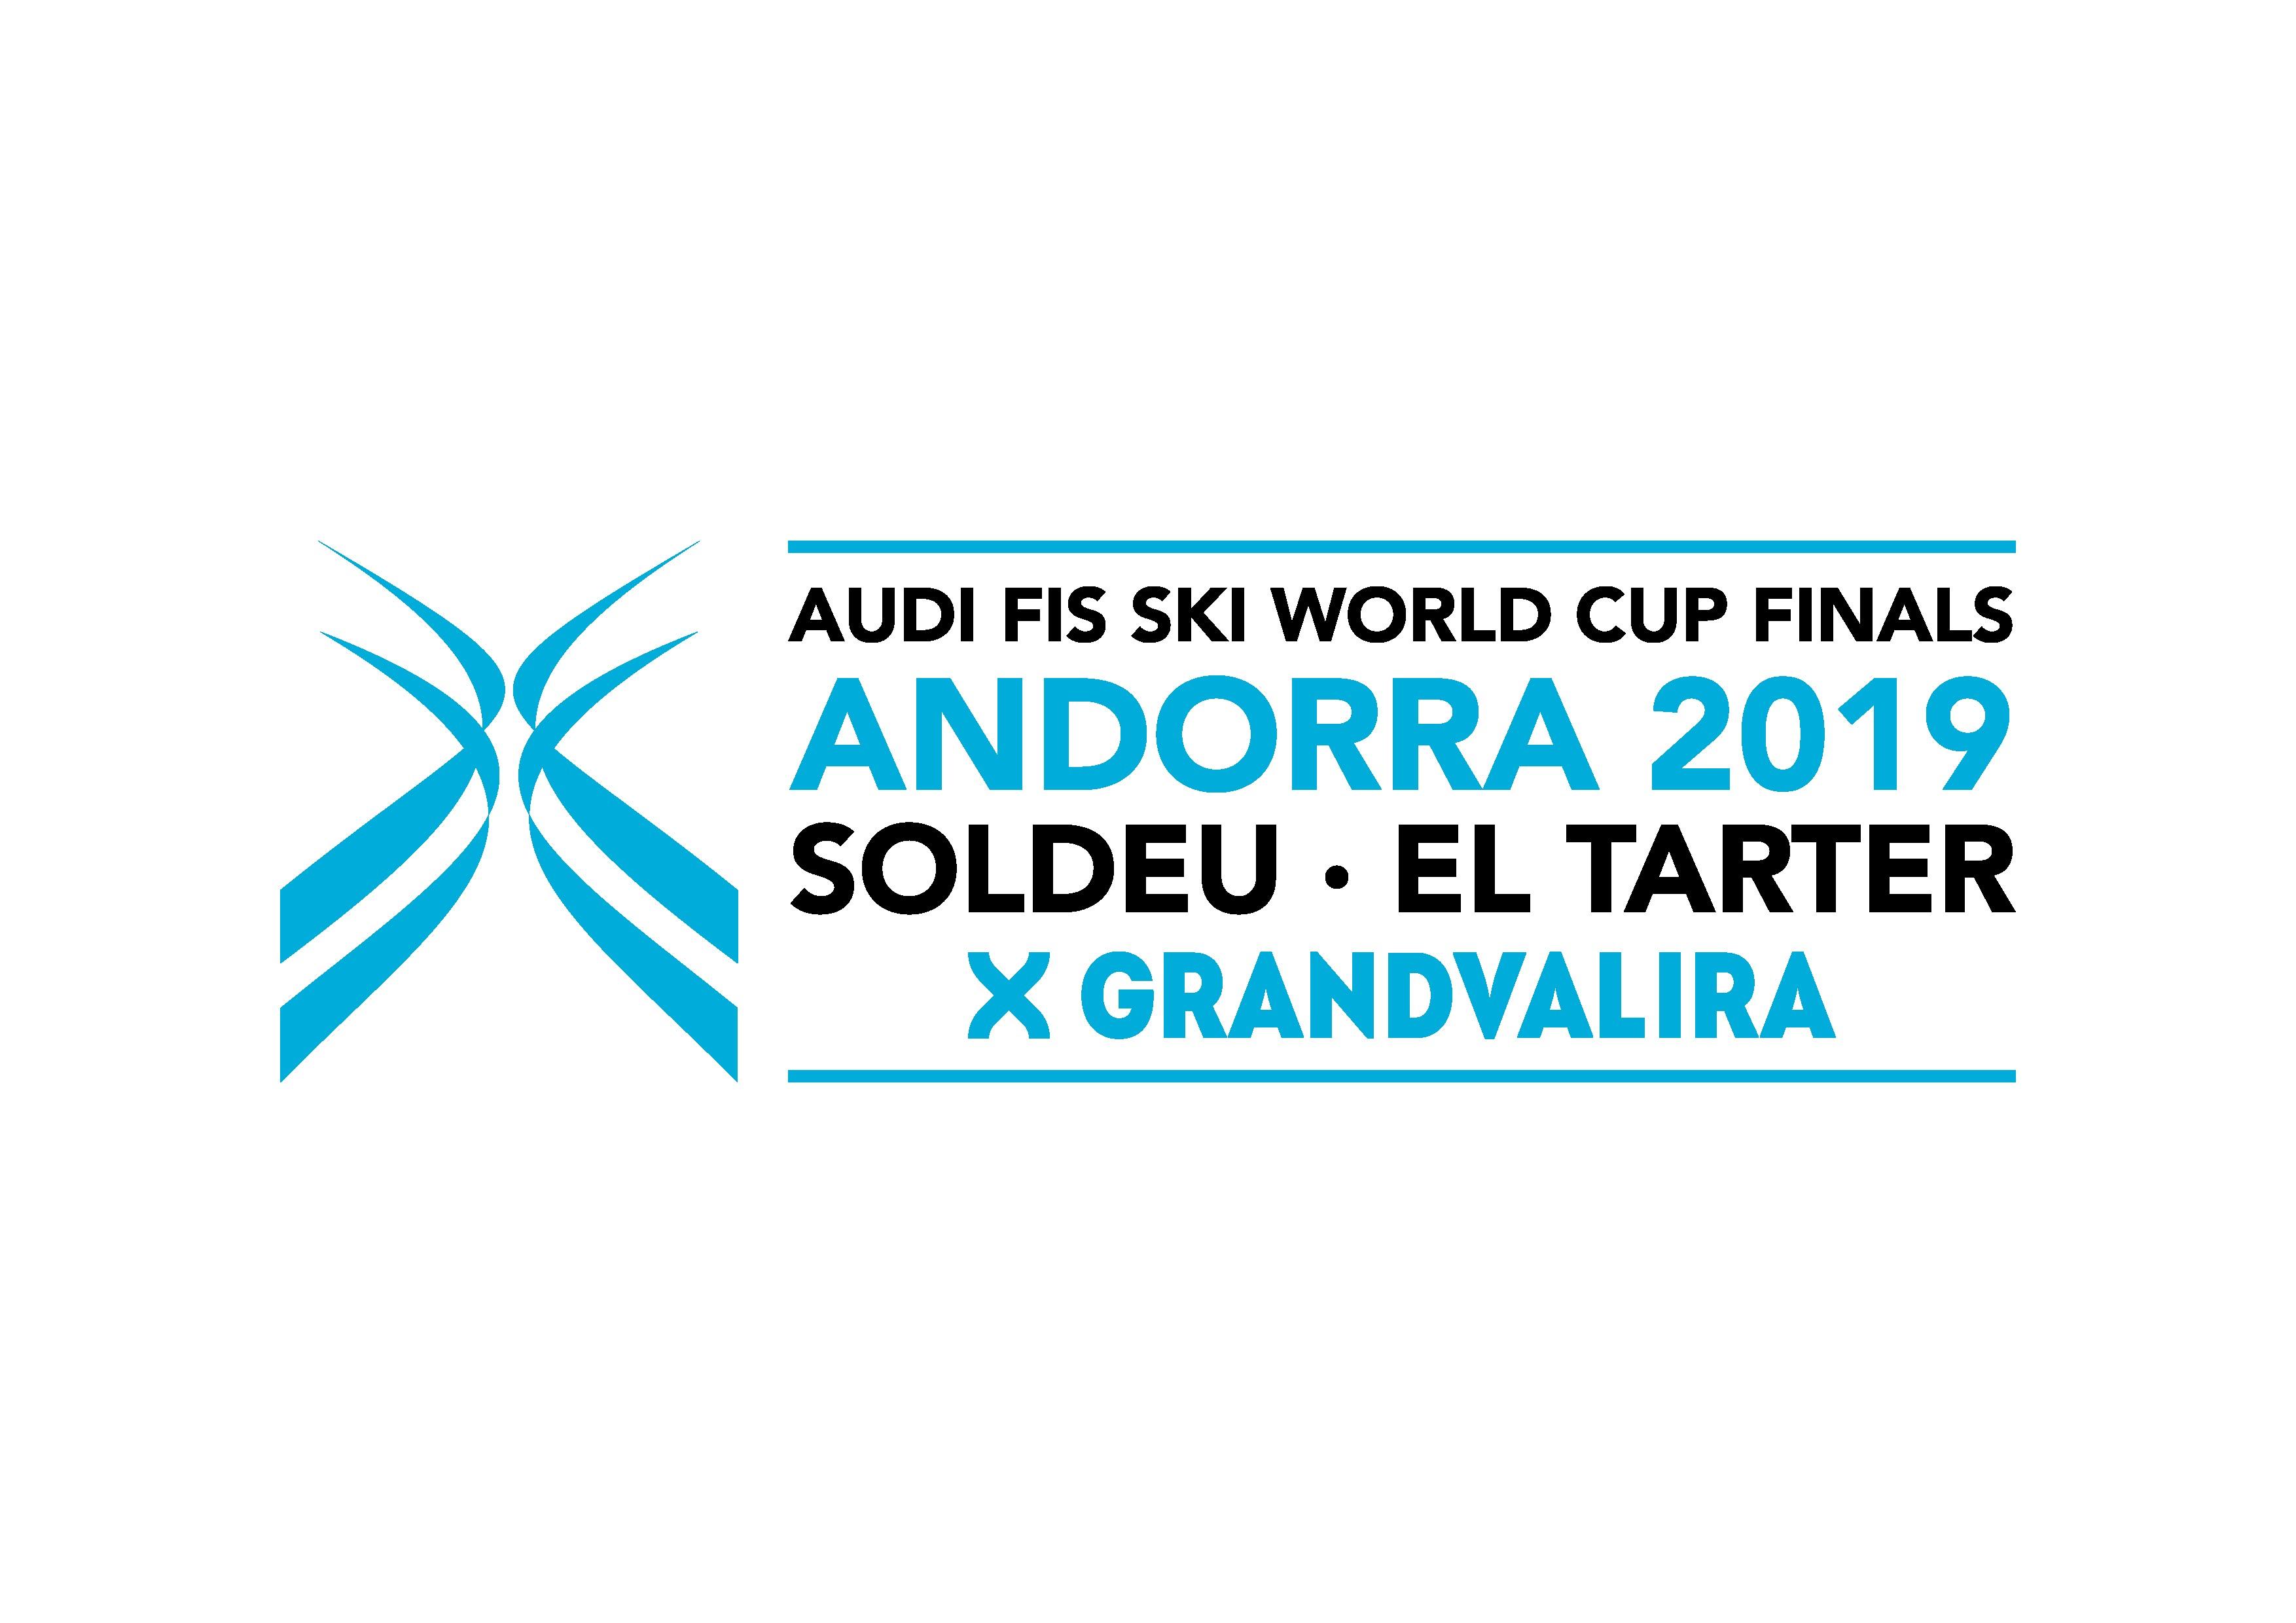 FIS SKI WORLD CUP FINALS ANDORRA 2019